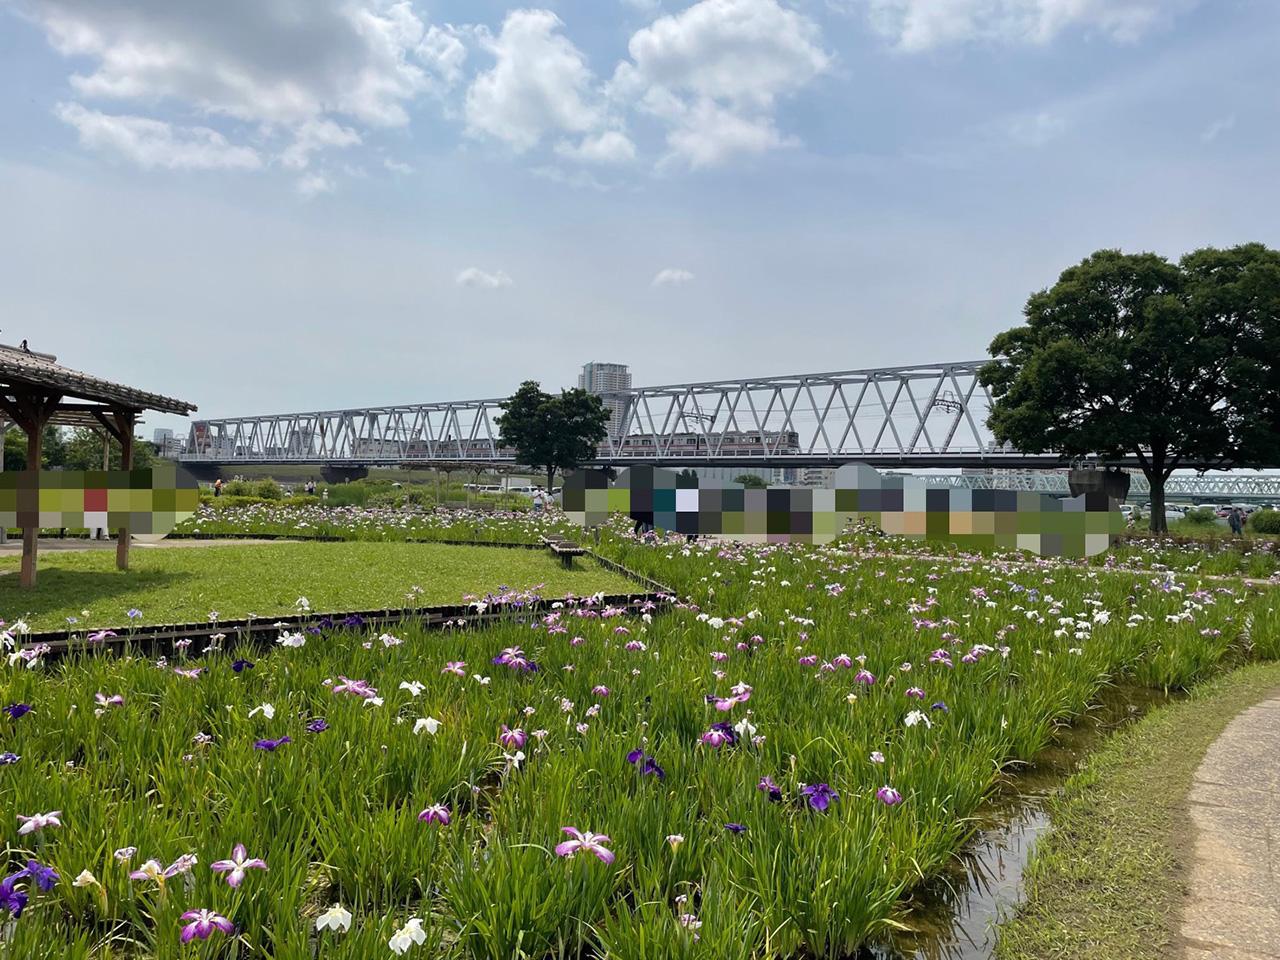 京成線の電車が走る陸橋の写真2